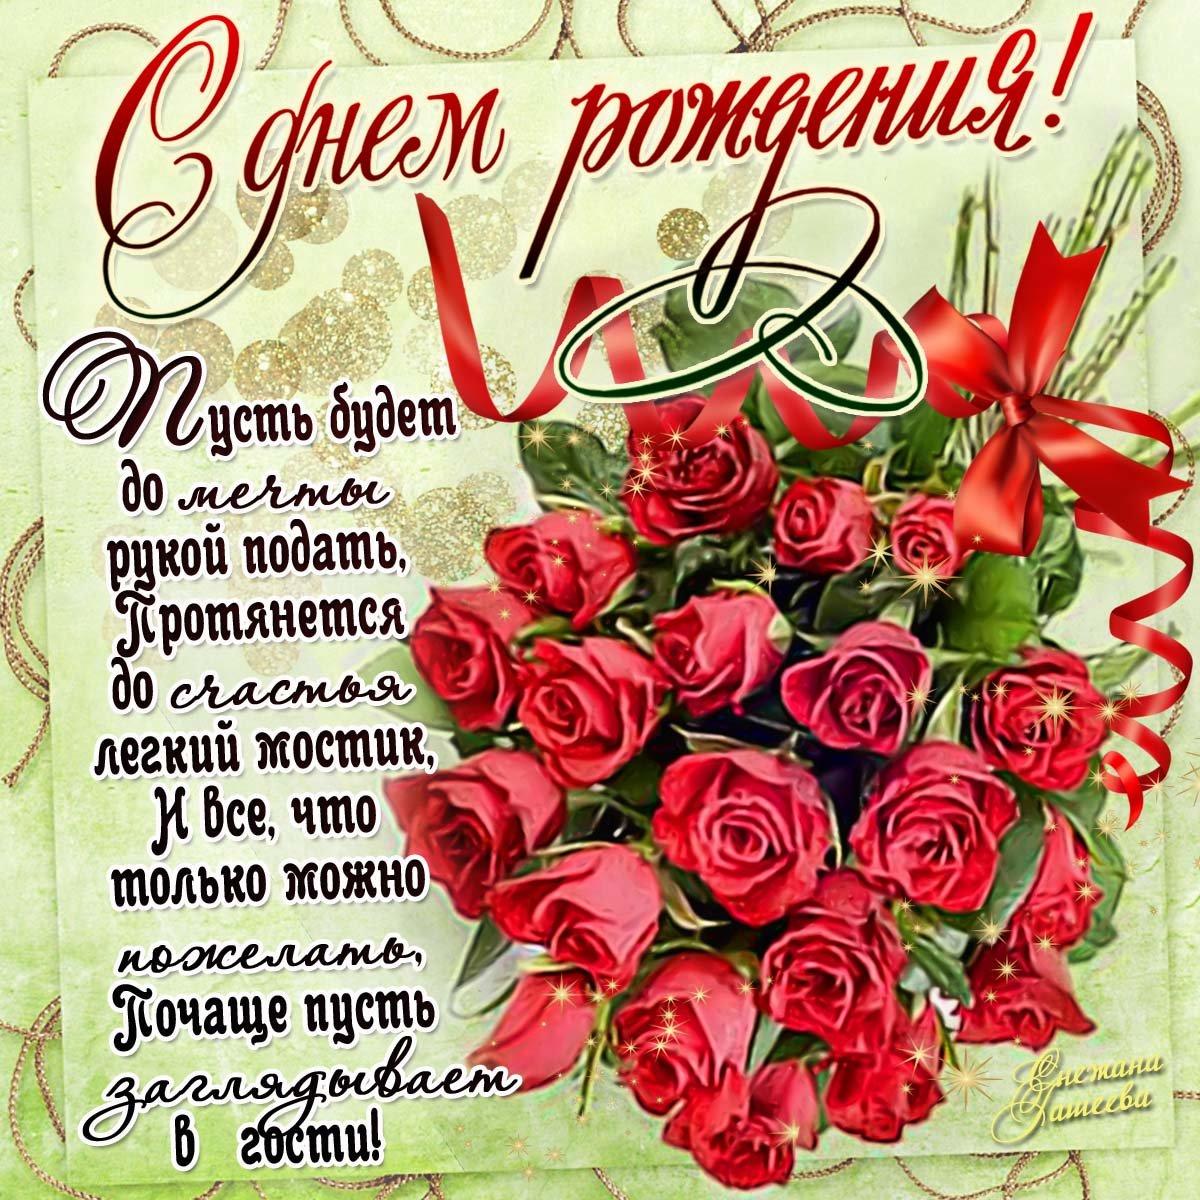 Поздравления с днем рождения.билеем женщине